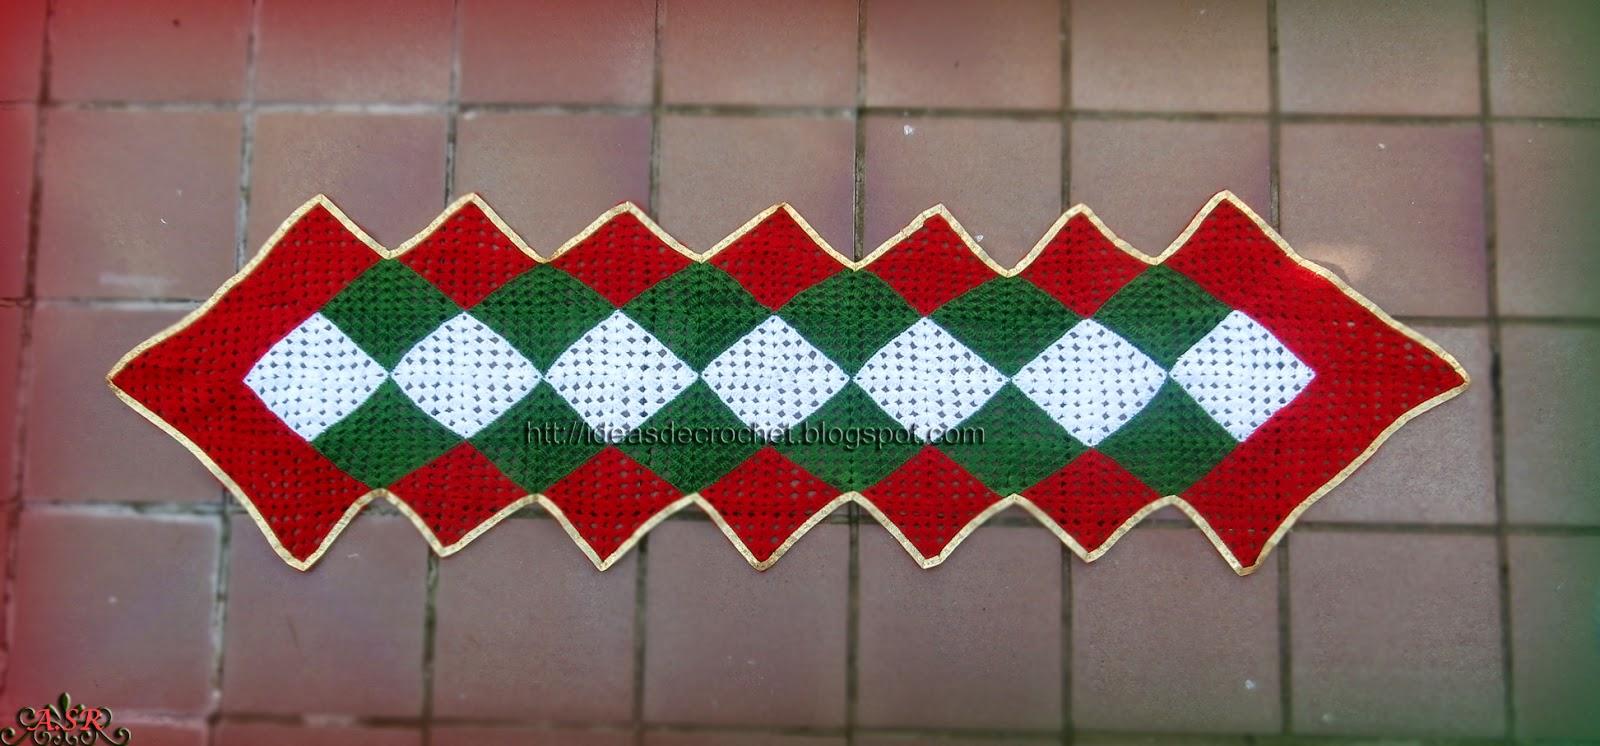 Excepcional Patrón De Crochet Libre Media De La Navidad Imagen ...